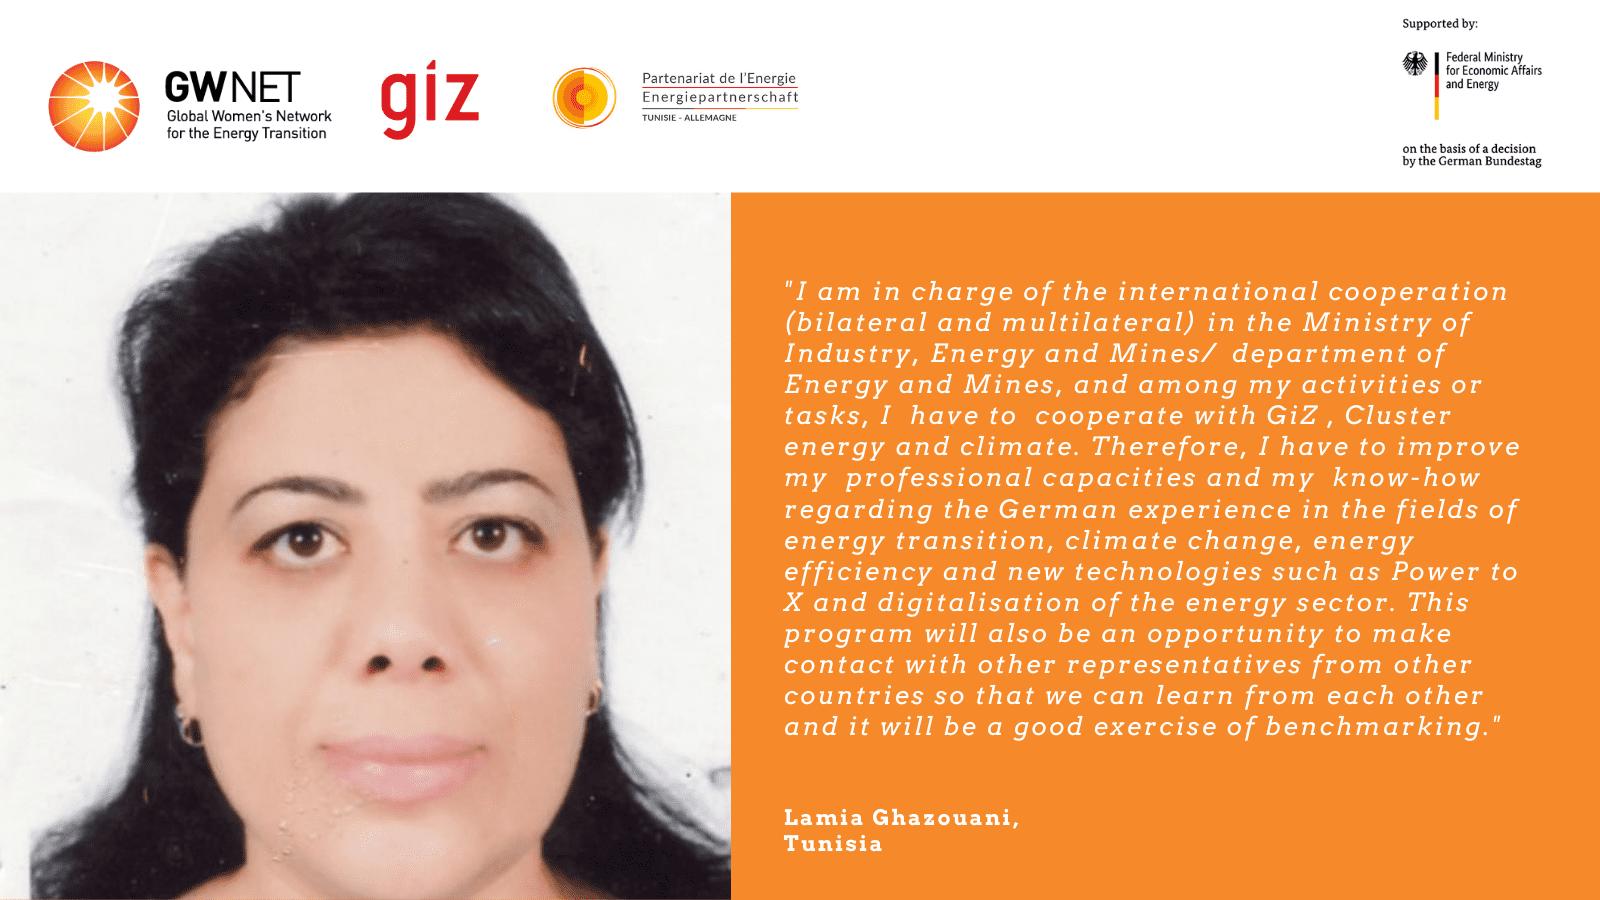 Lamia Ghazouani quote